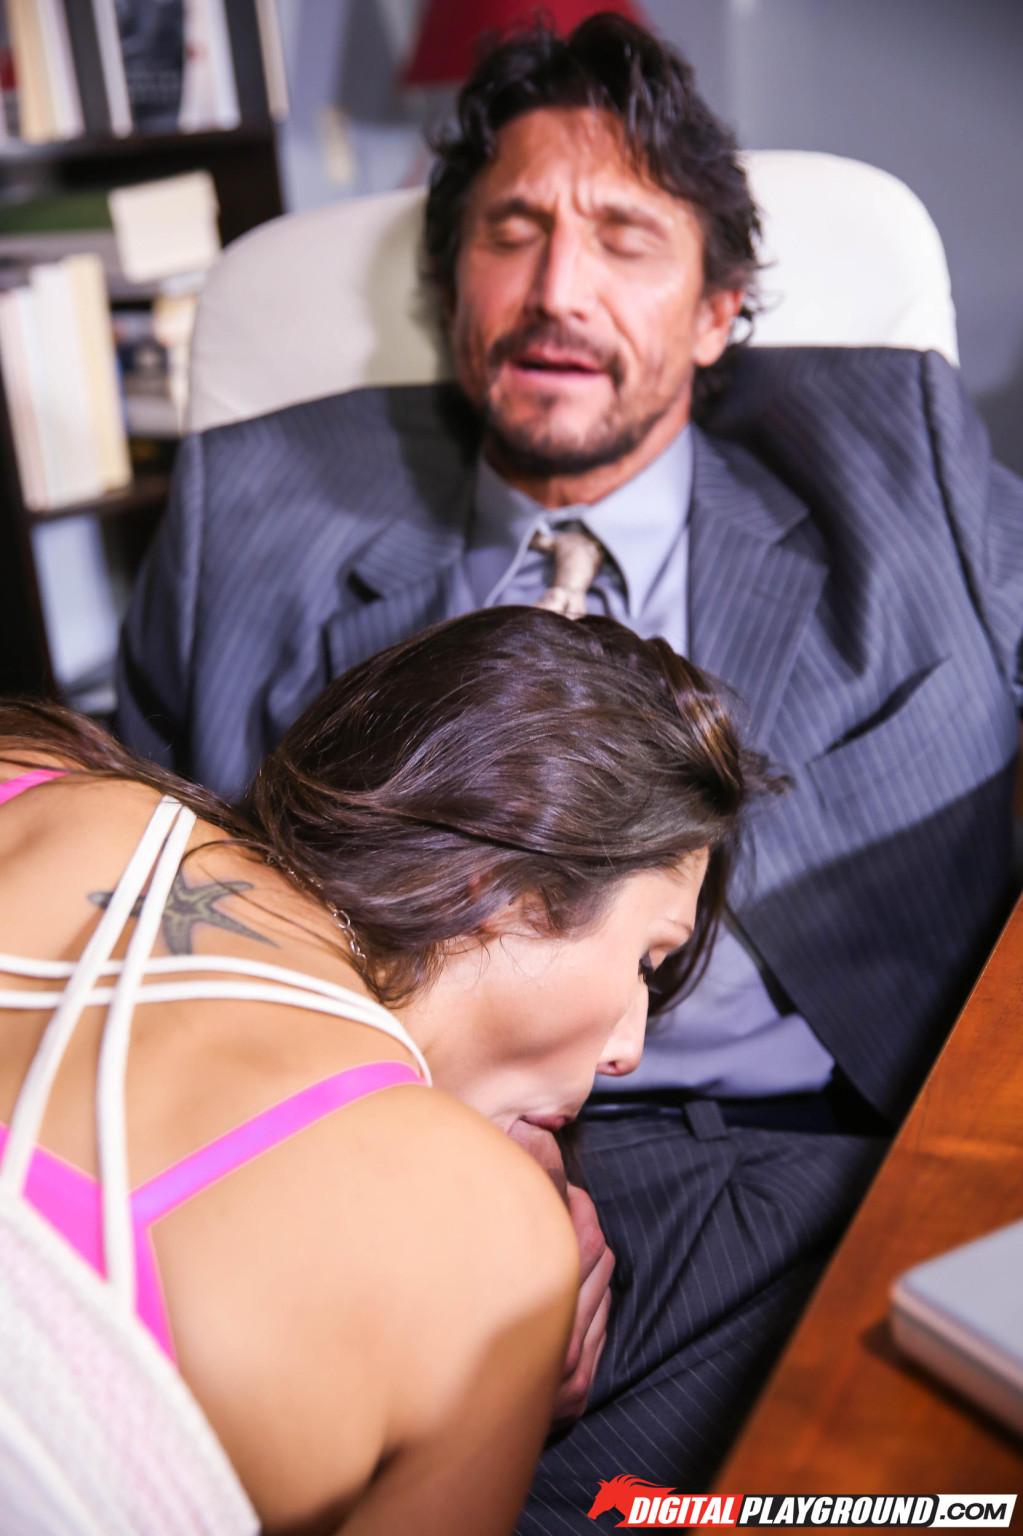 Брюнетка зашла на работу к своему бойфренду, отсосала хуй, а потом он ее выебал на столе